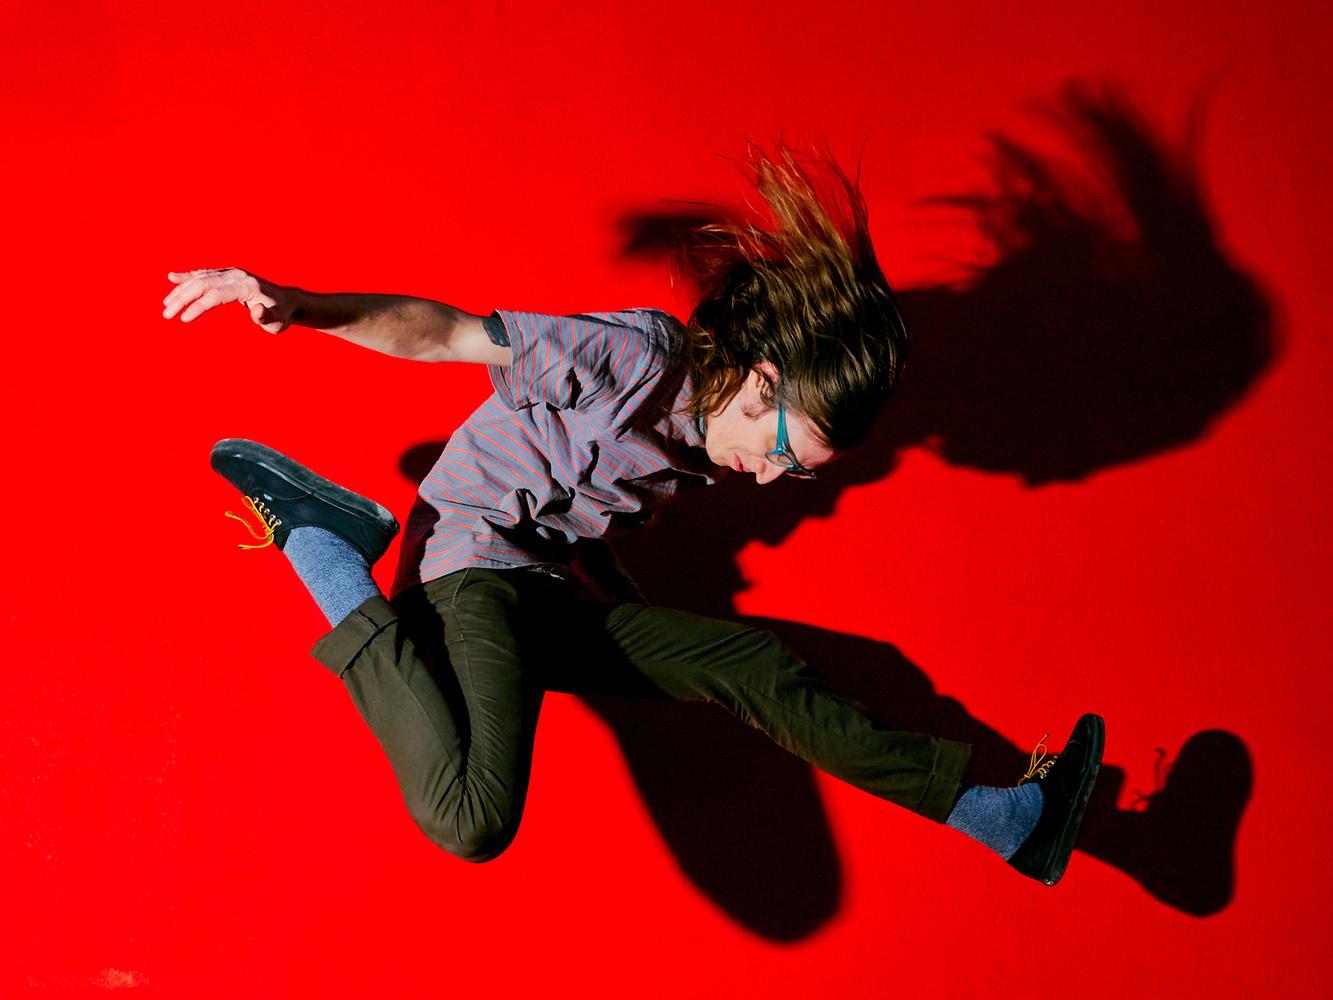 Jap Man Jump Red by Julian Foglietti